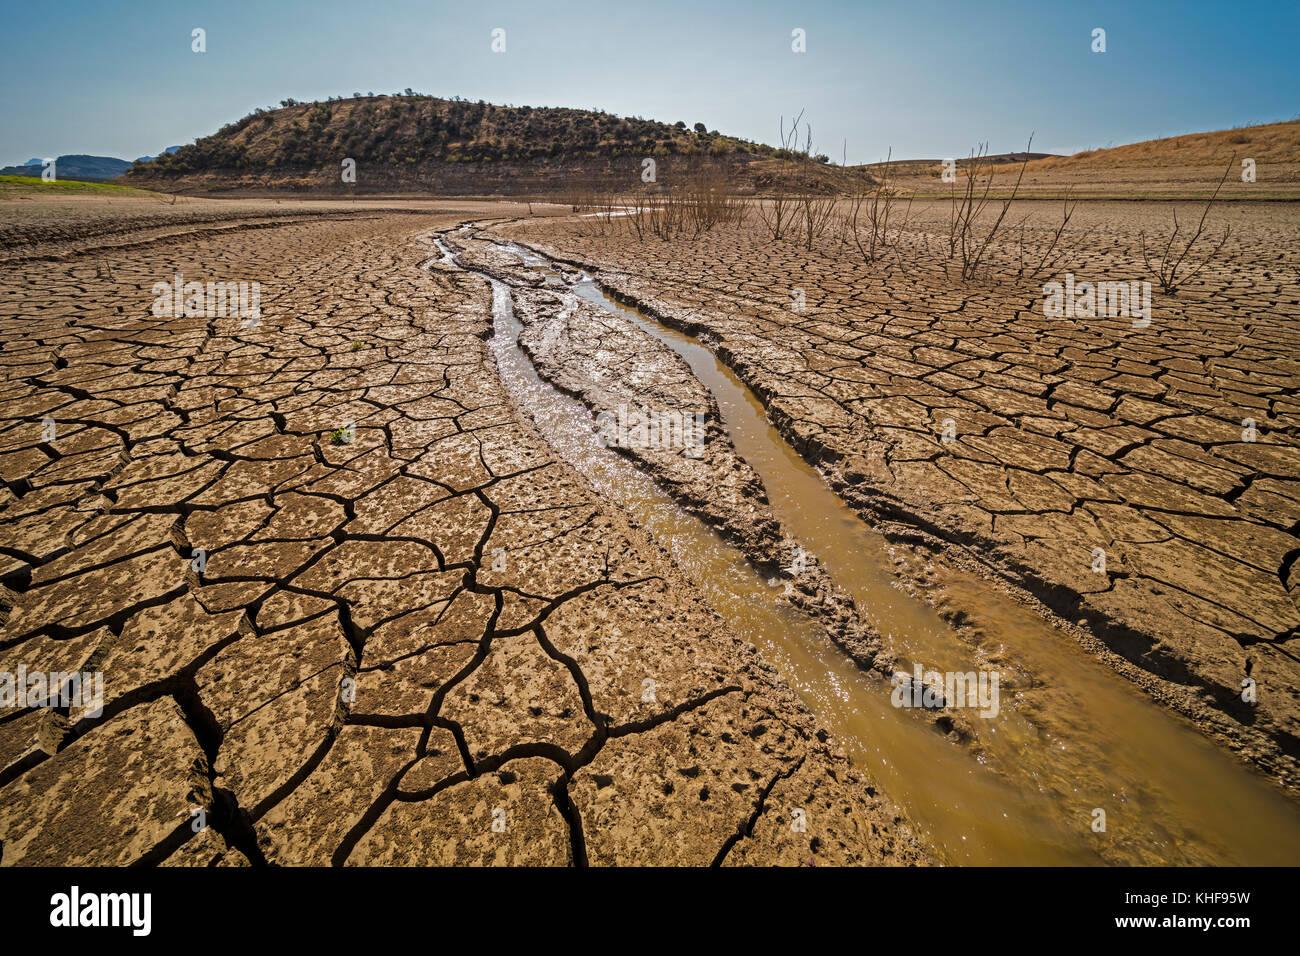 Cerca de Ardales, provincia de Málaga, Andalucía, sur de España. Estado de entrada Guadalteba-Guadalhorce presa en octubre de 2017 después del verano caliente sin ra Foto de stock